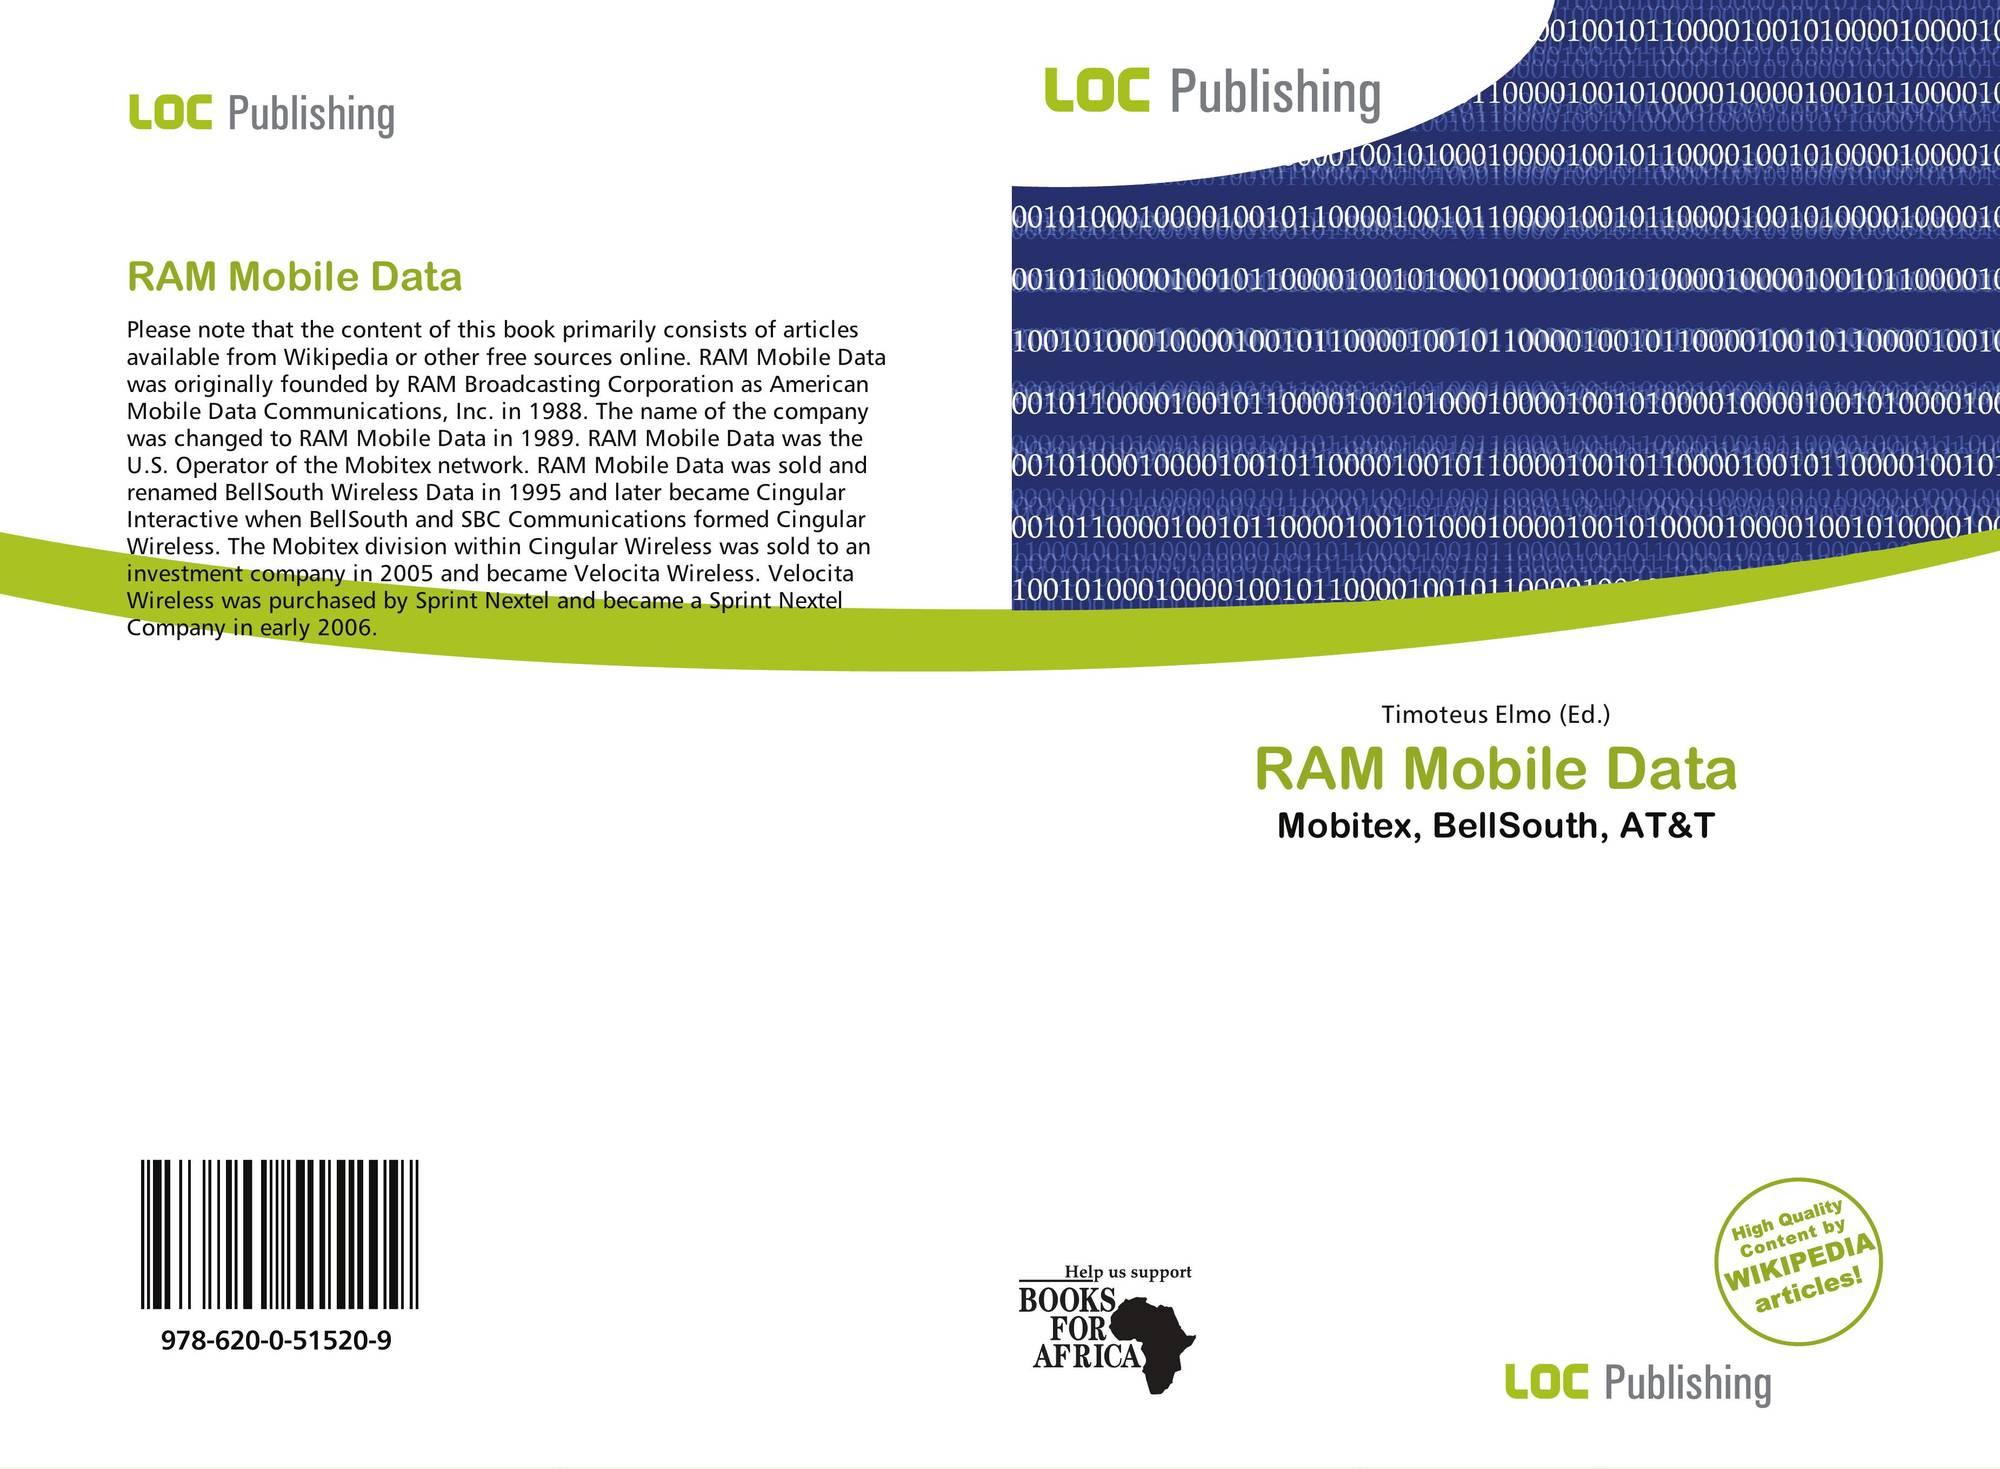 RAM Mobile Data, 978-620-0-51520-9, 6200515204 ,9786200515209